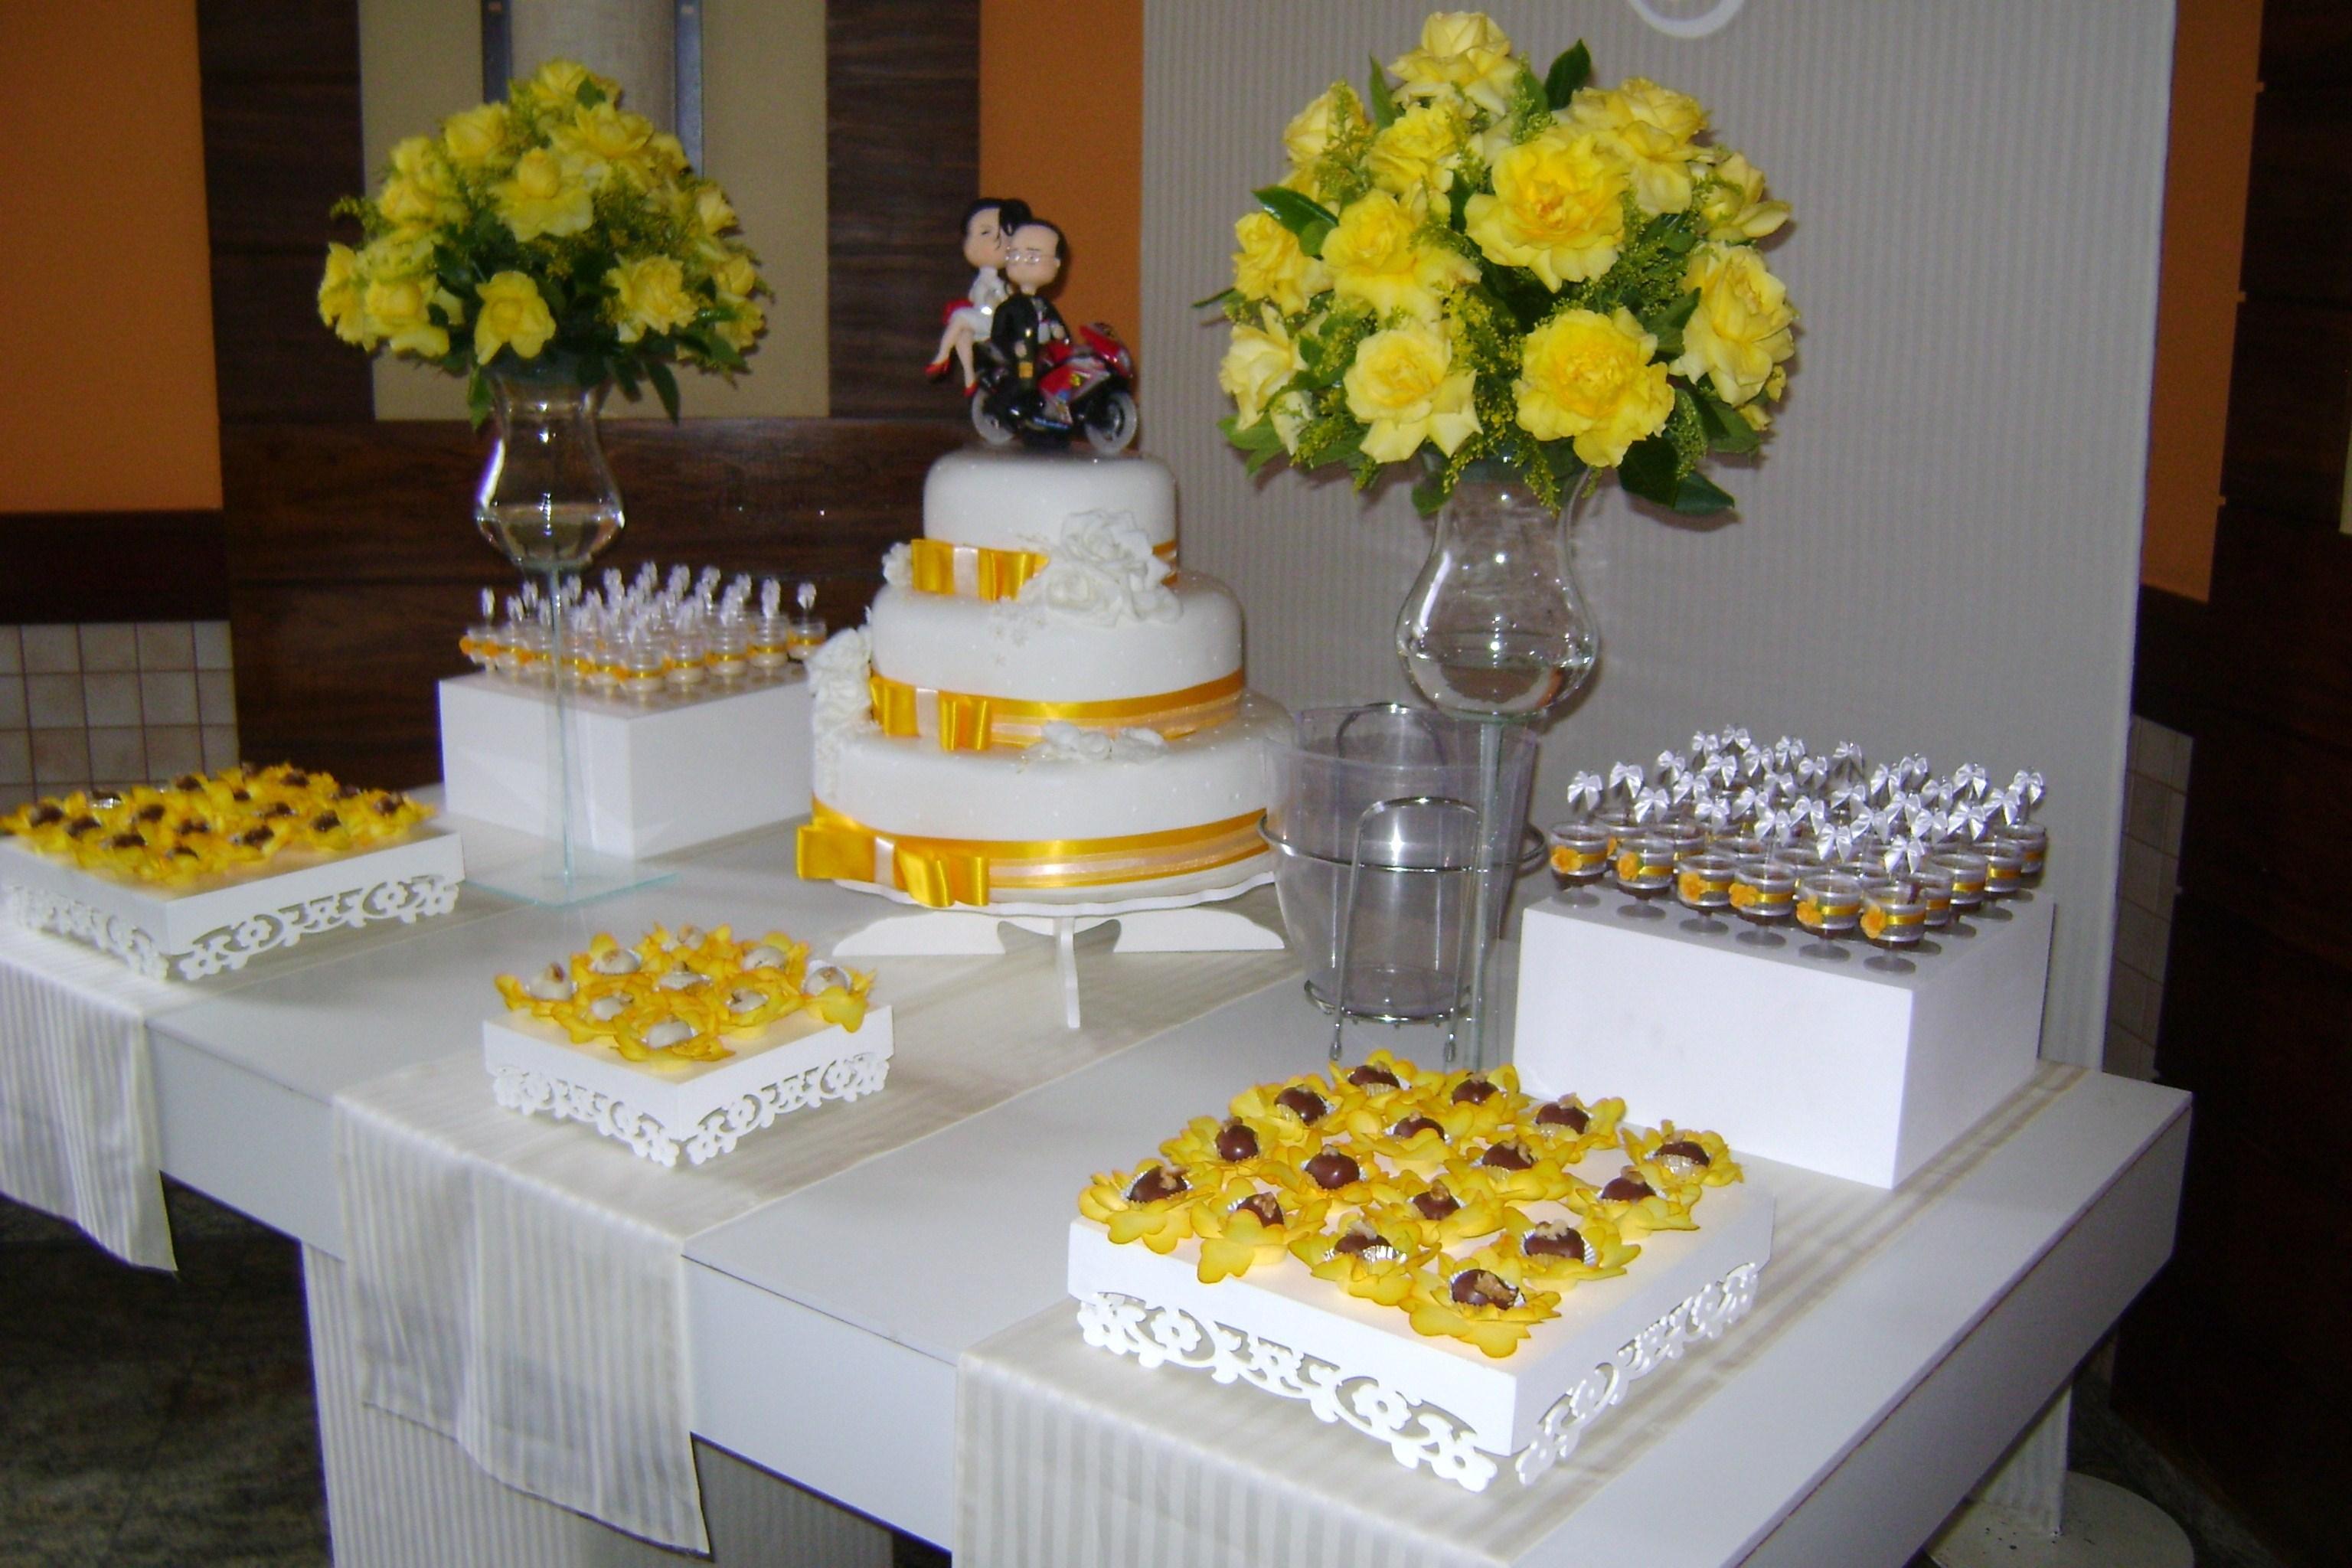 decoracao e casamento:decoracao-de-casamento-clean decoracao-de-casamento-clean